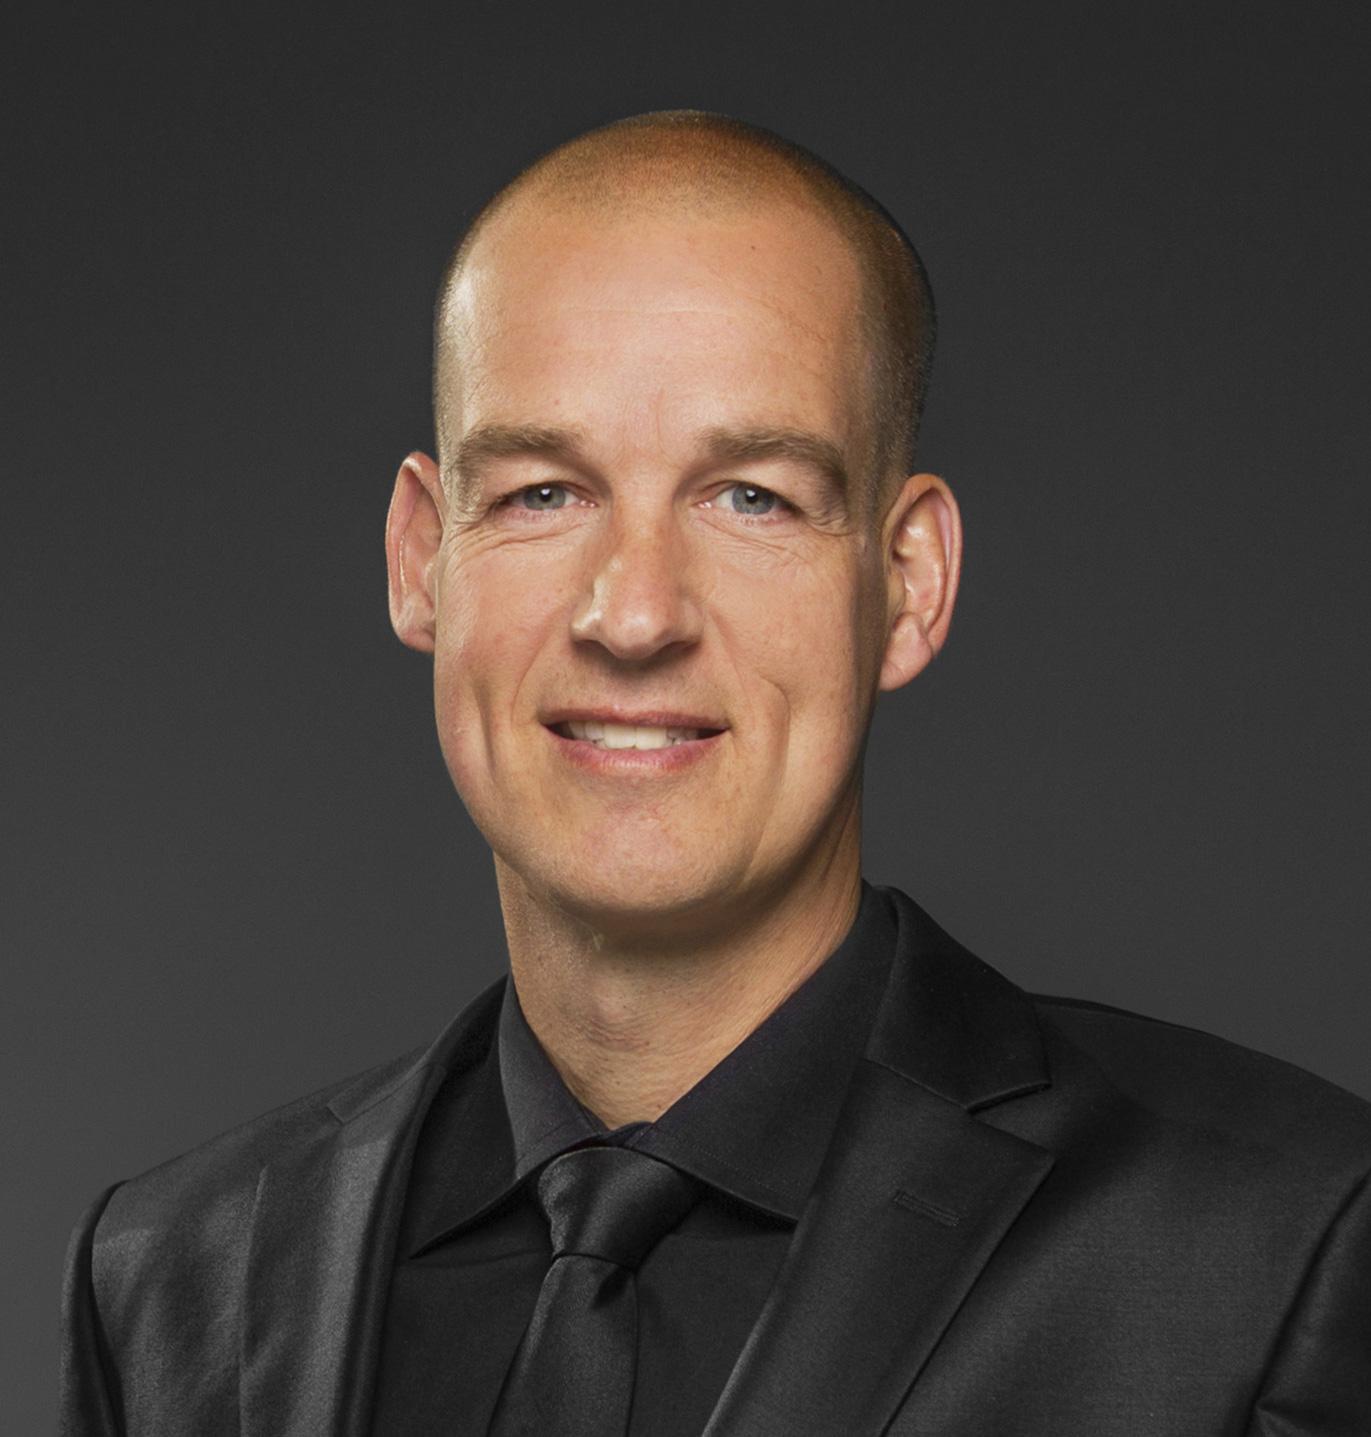 Carsten Cramer